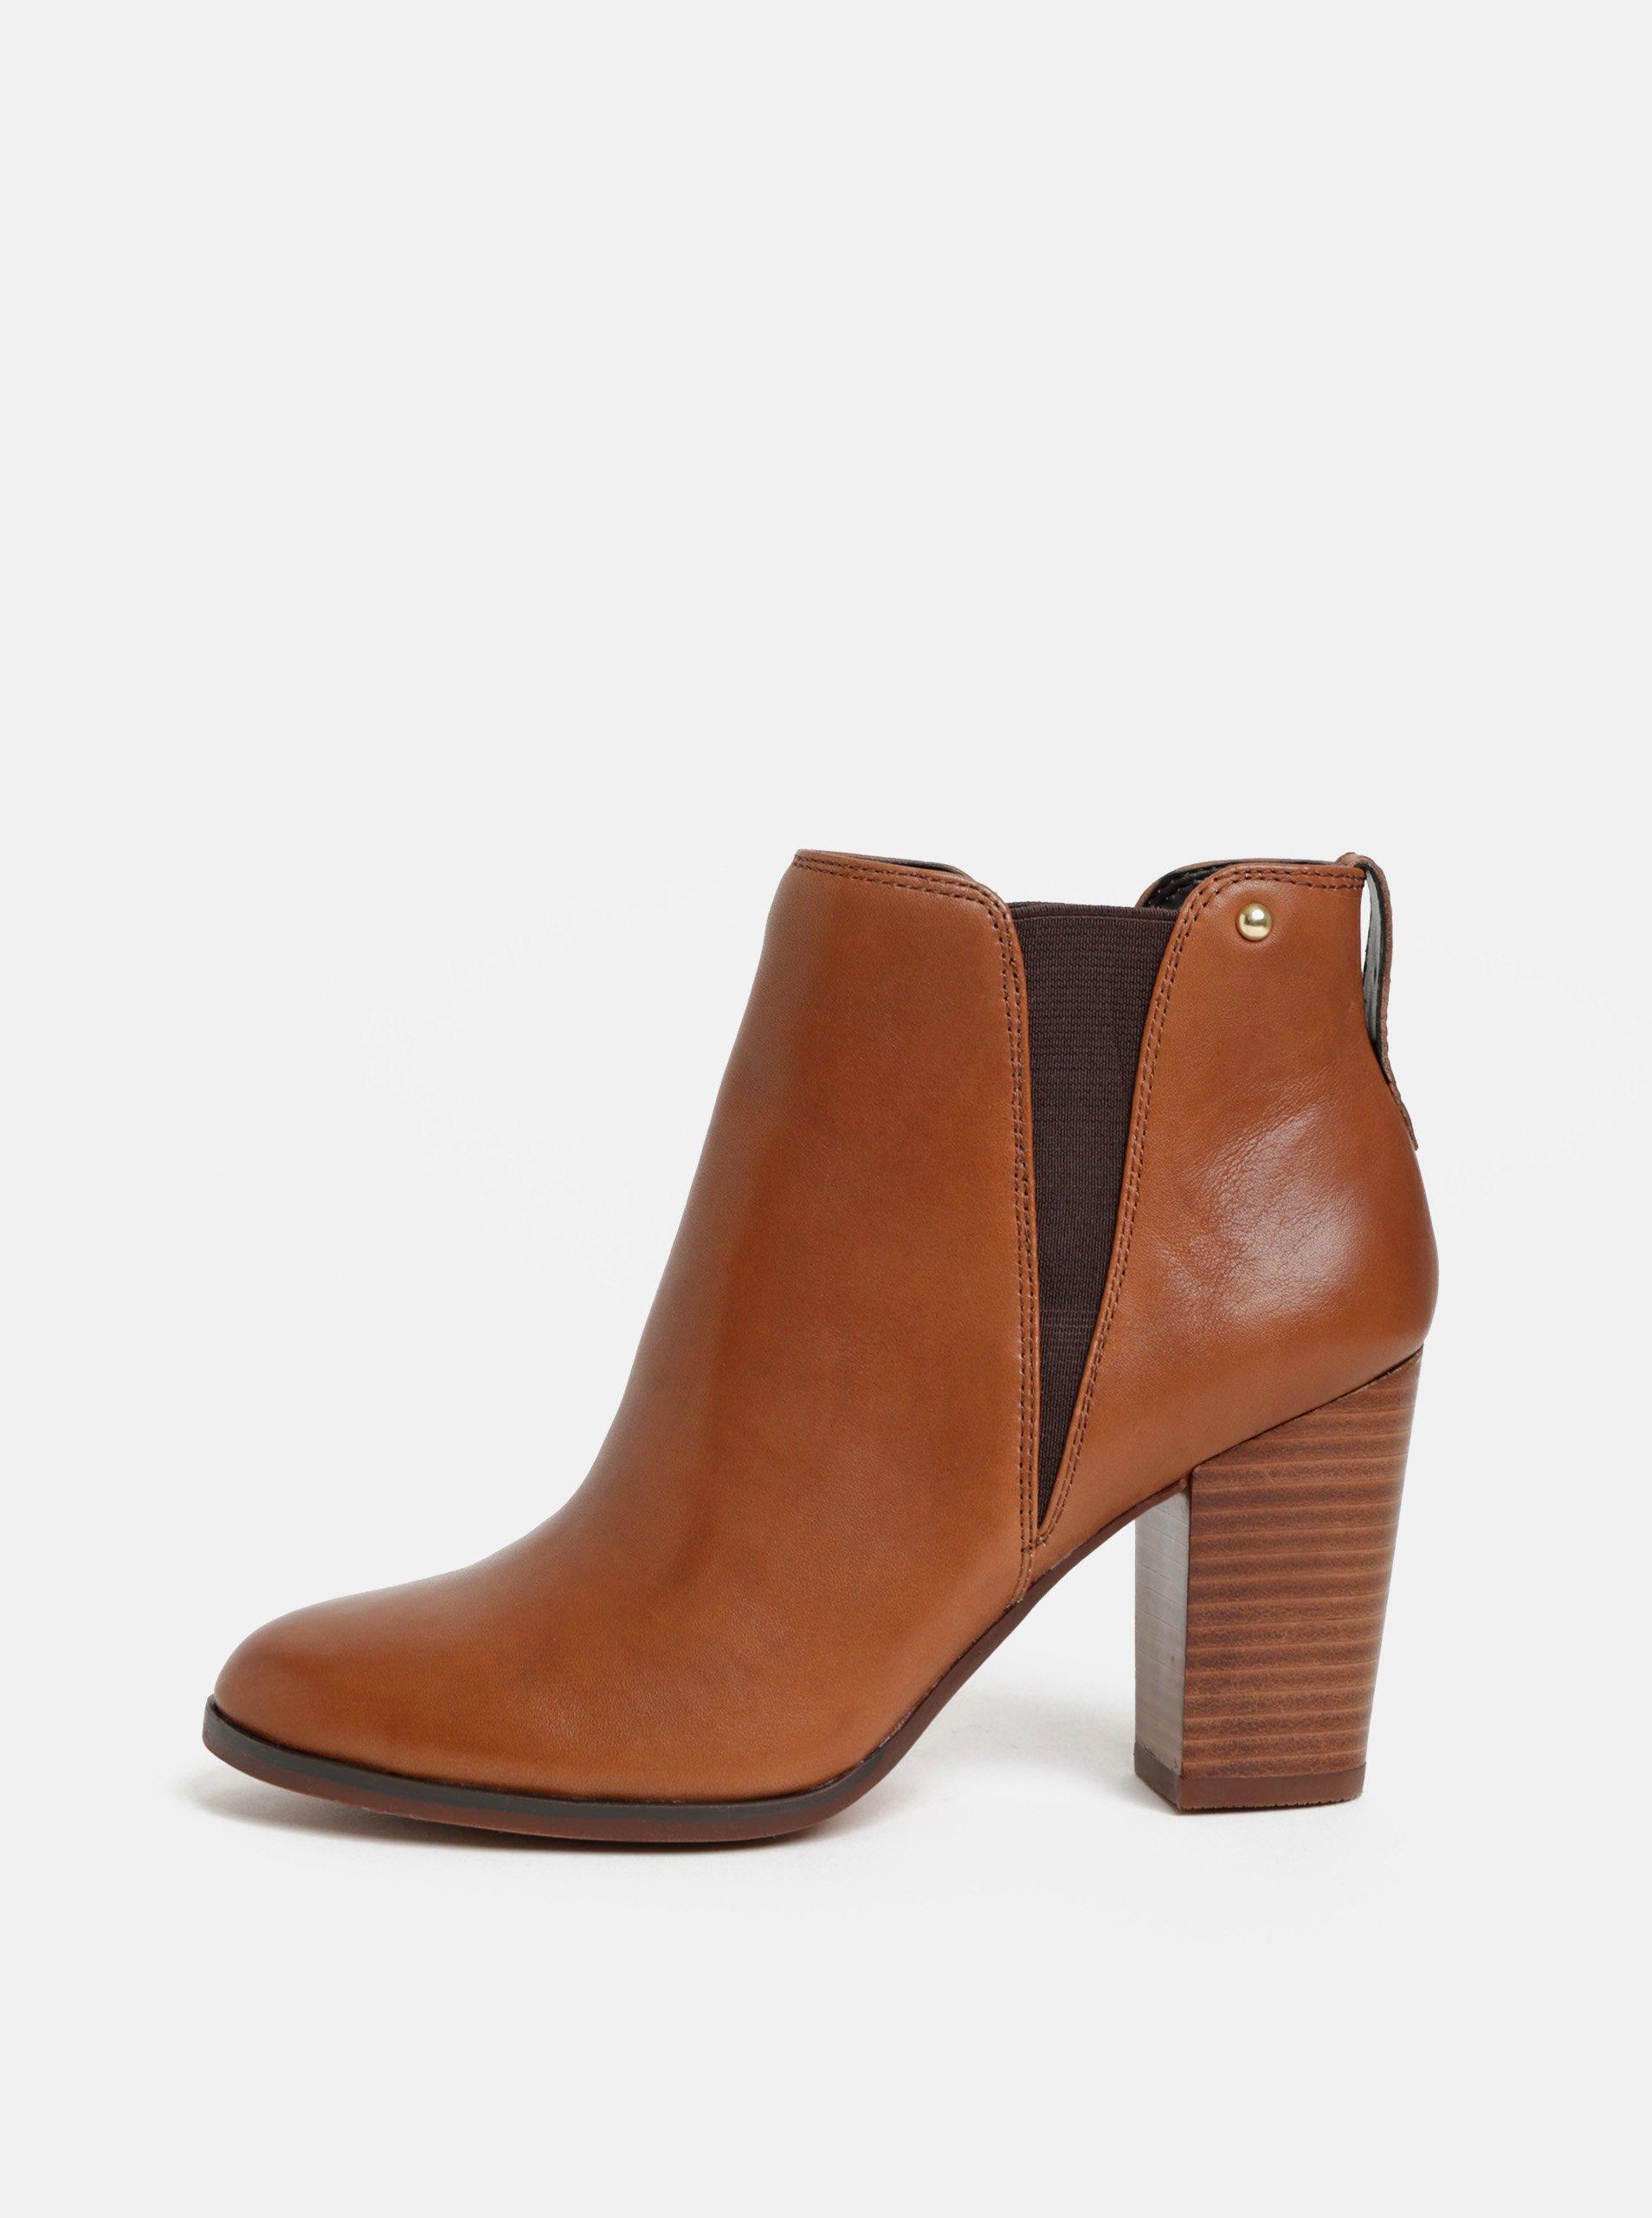 a3af5a77d25c Hnedé dámske kožené chelsea topánky ALDO